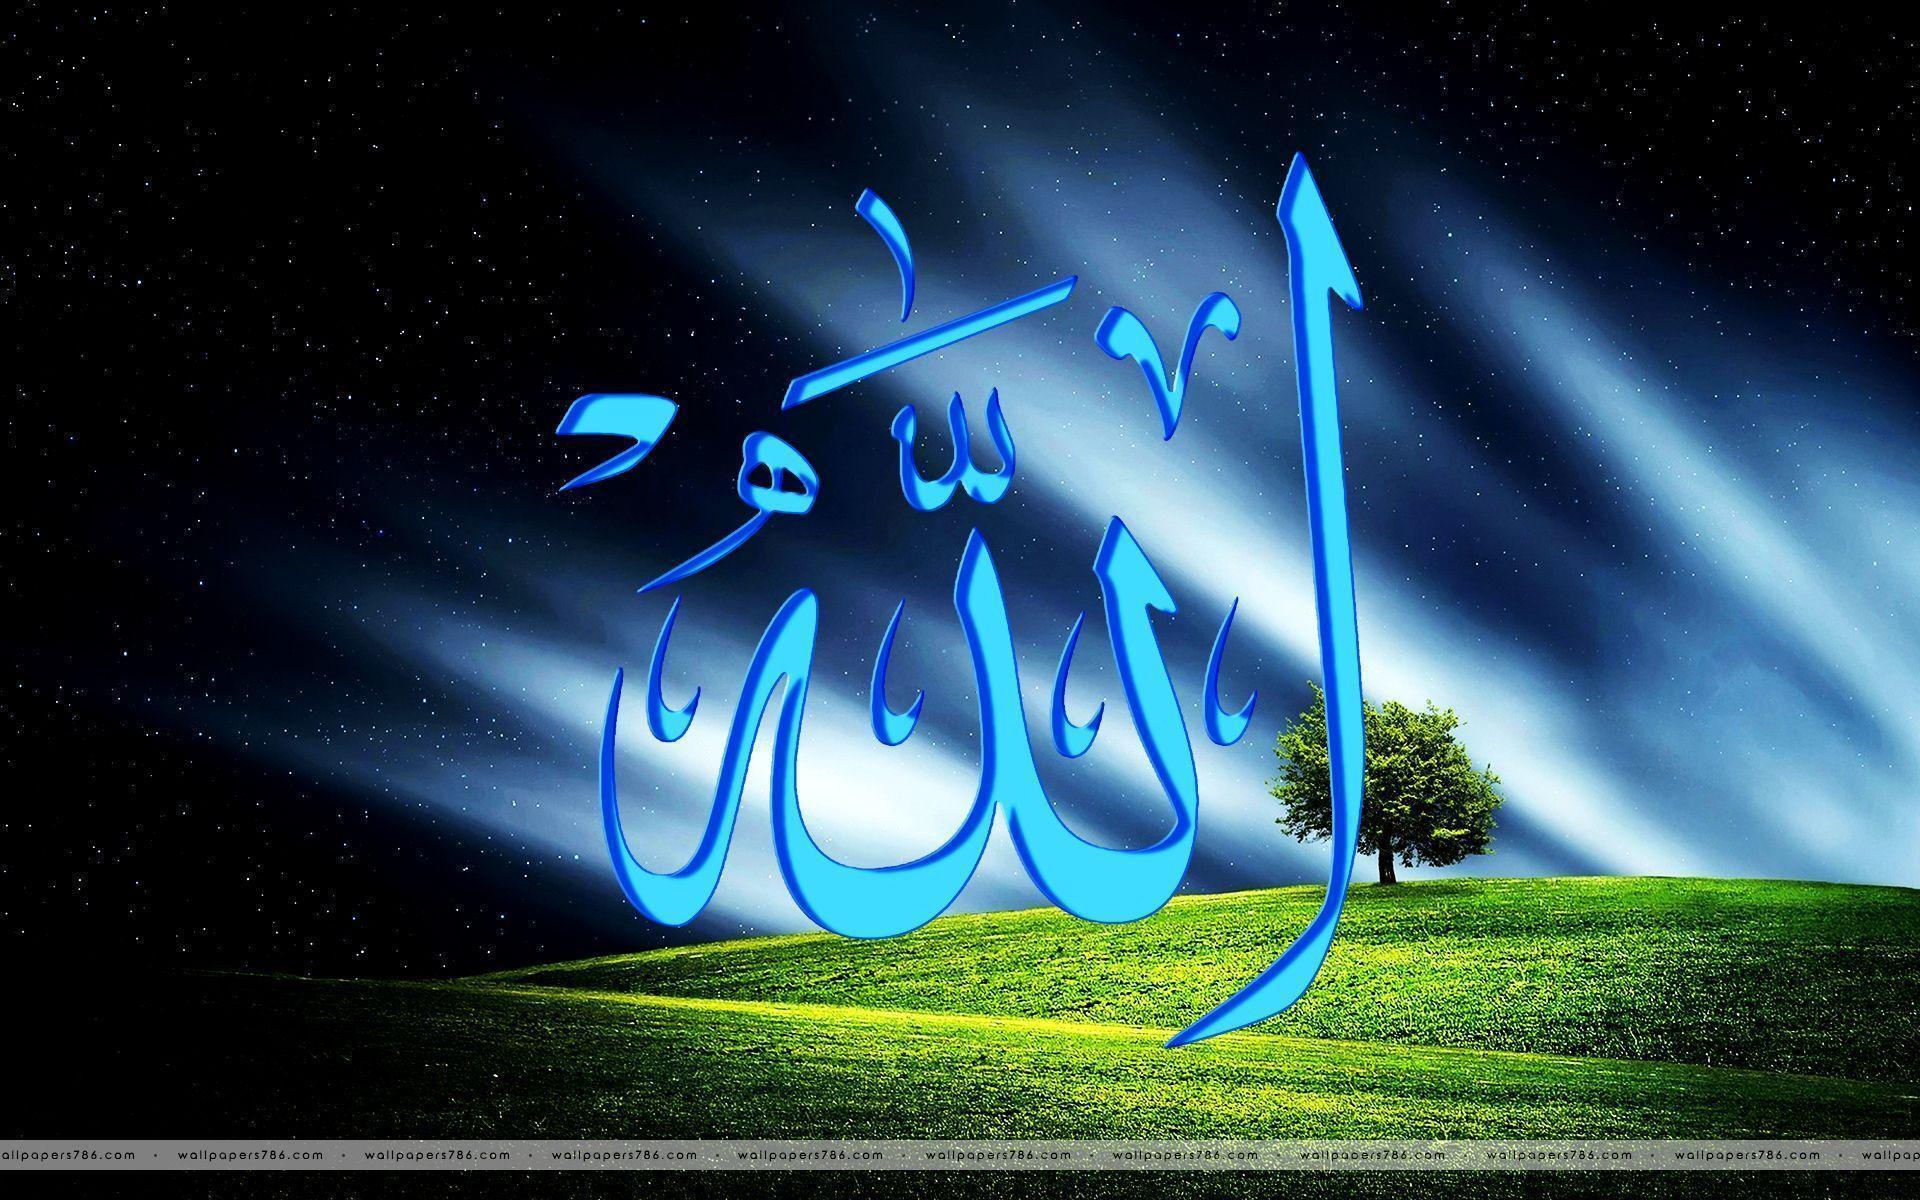 Allah Wallpaper Lovely Allah Wallpapers Hd Wallpaper 3d